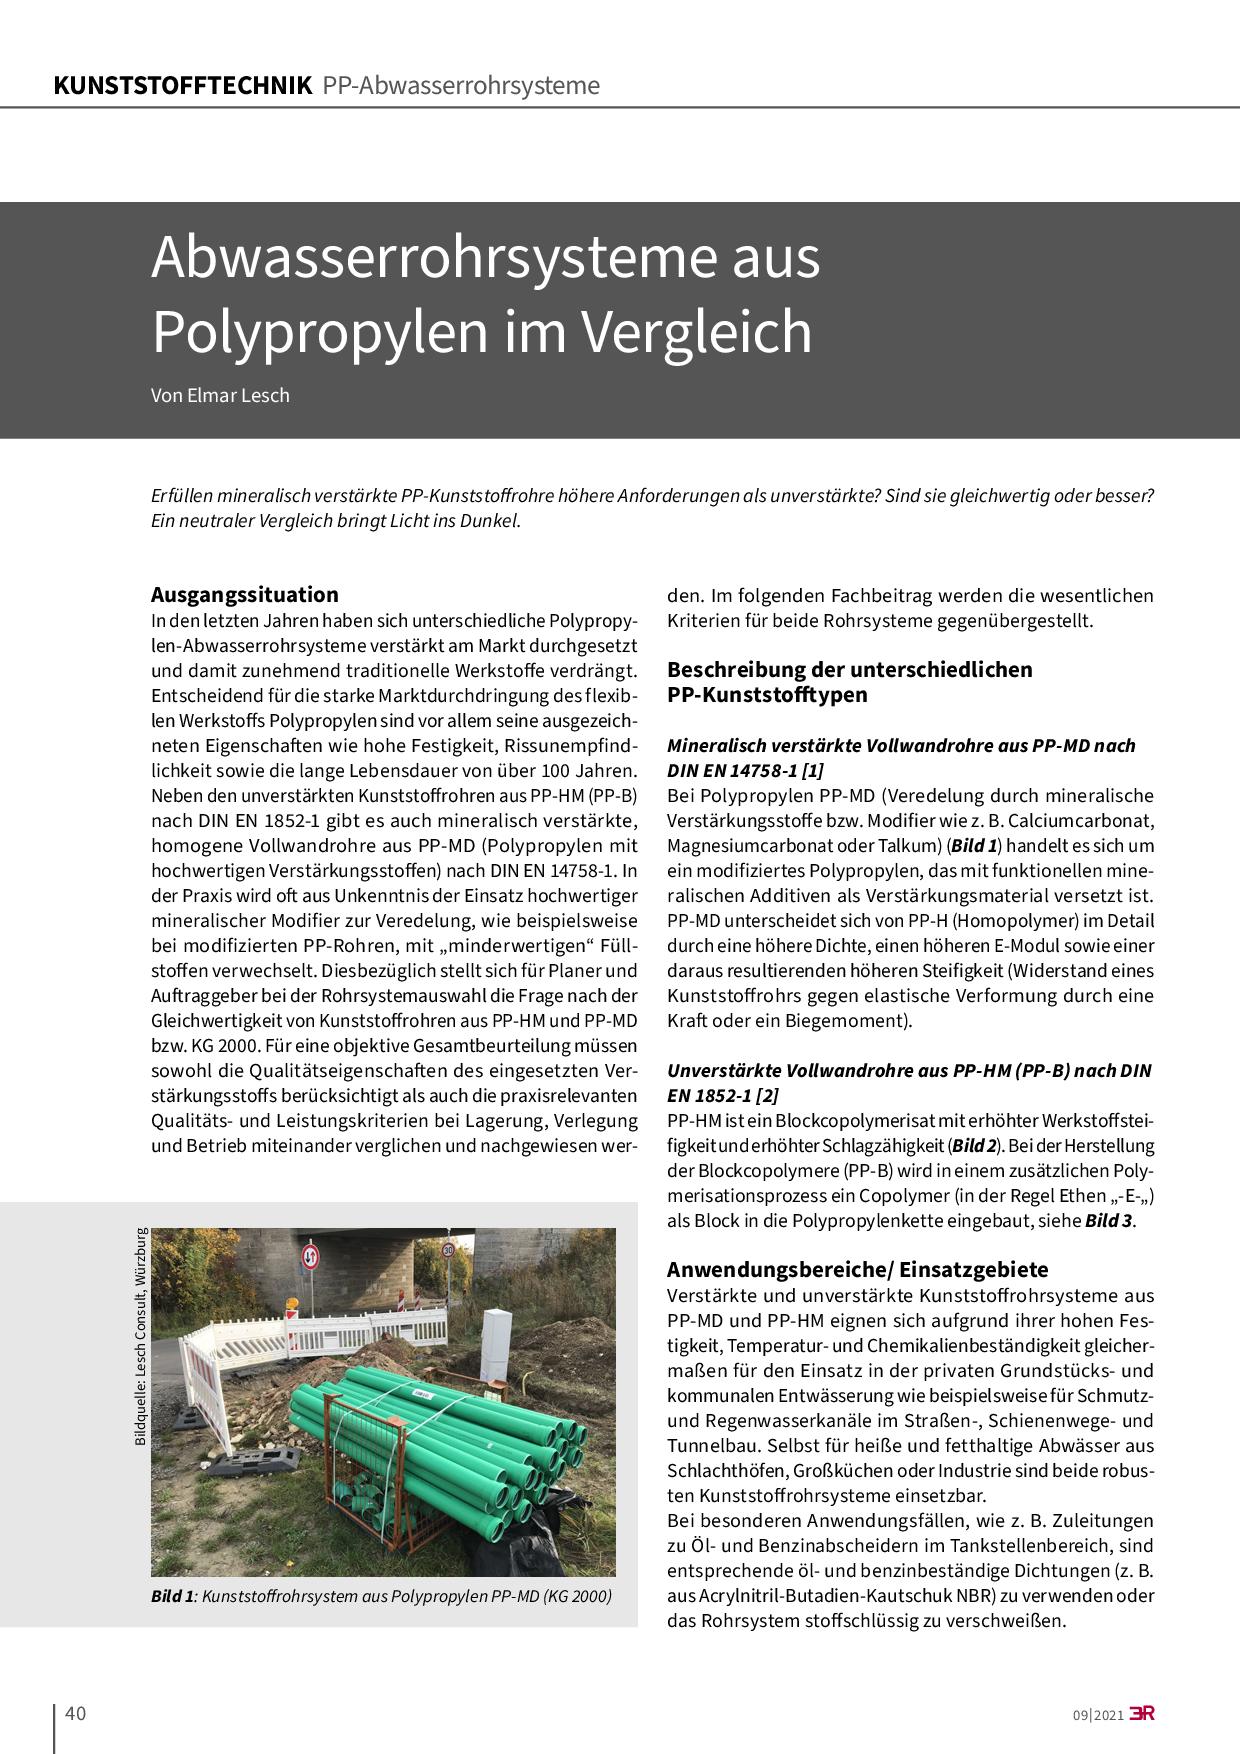 Abwasserrohrsysteme aus Polypropylen im Vergleich